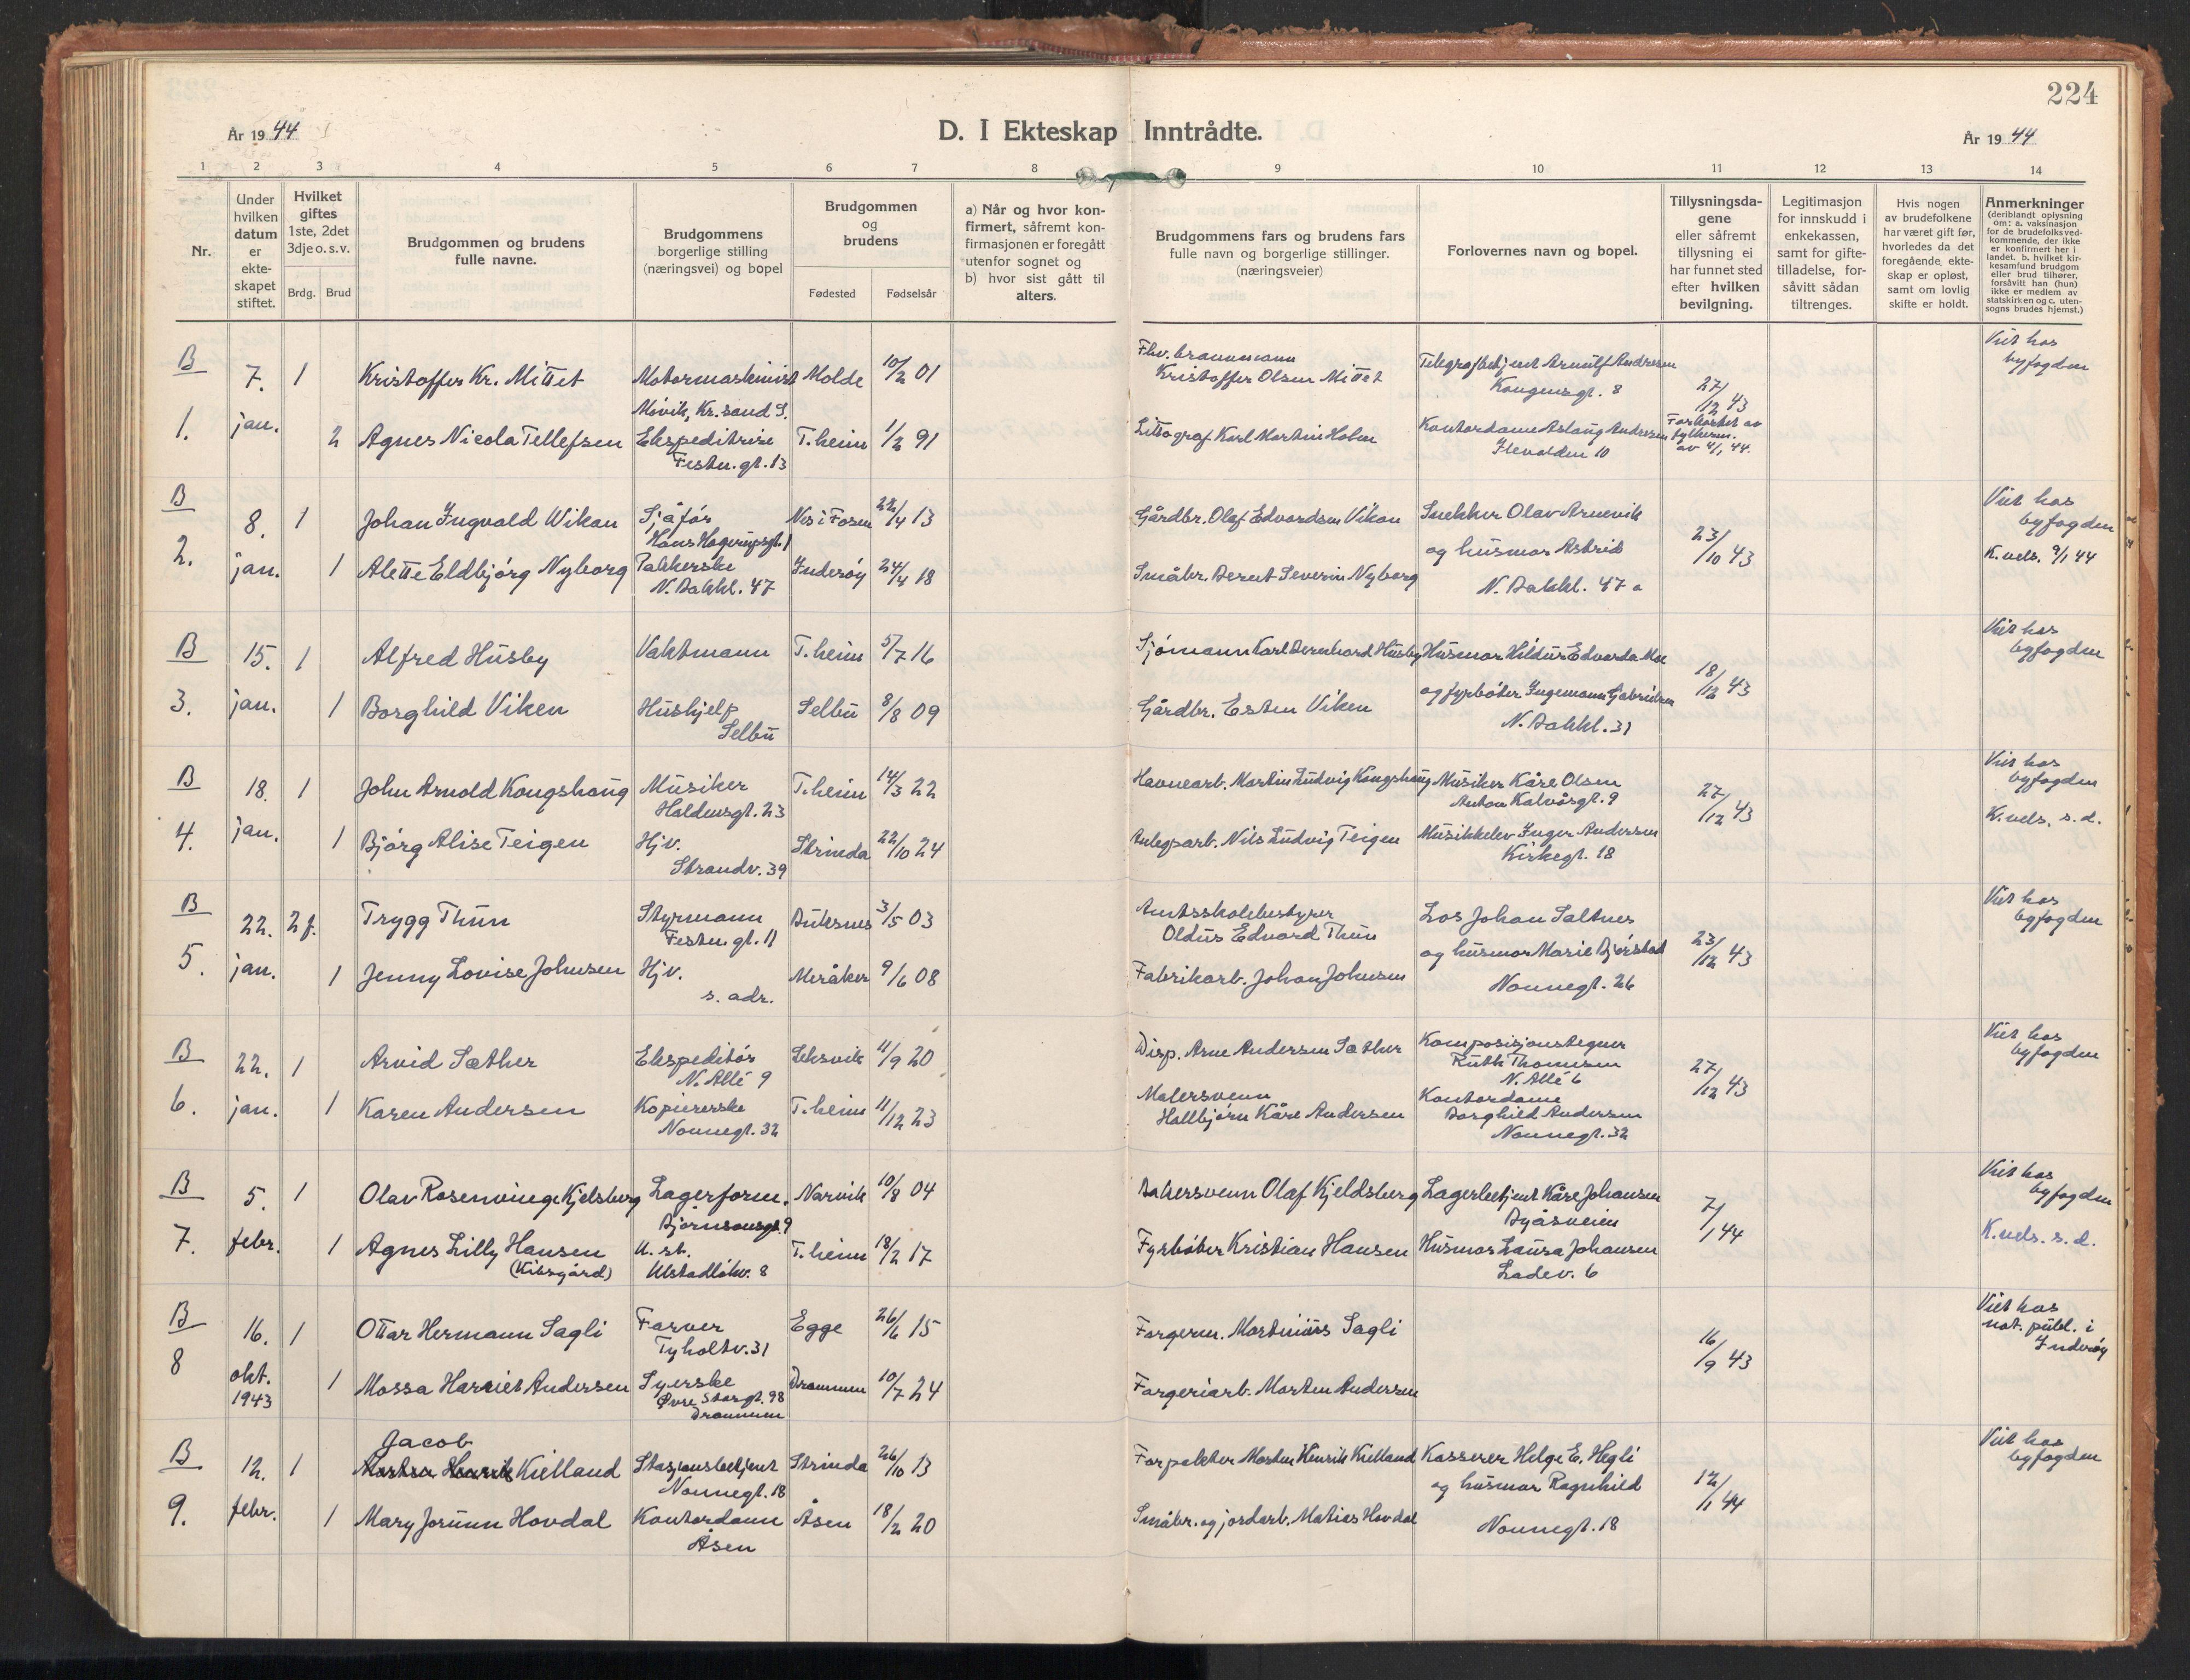 SAT, Ministerialprotokoller, klokkerbøker og fødselsregistre - Sør-Trøndelag, 604/L0209: Ministerialbok nr. 604A29, 1931-1945, s. 224